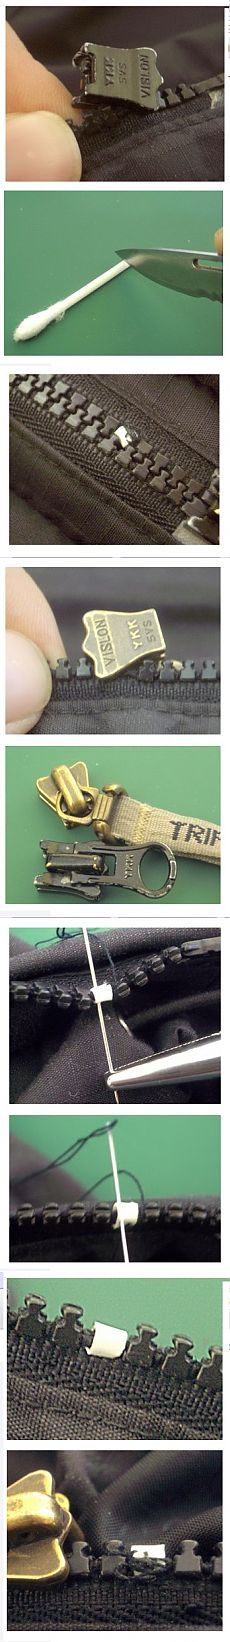 Как самостоятельно починить сломанную пластиковую молнию на куртке или сумке, если у нее выпал зубчик. Ремонт молнии своими руками в домашних условиях